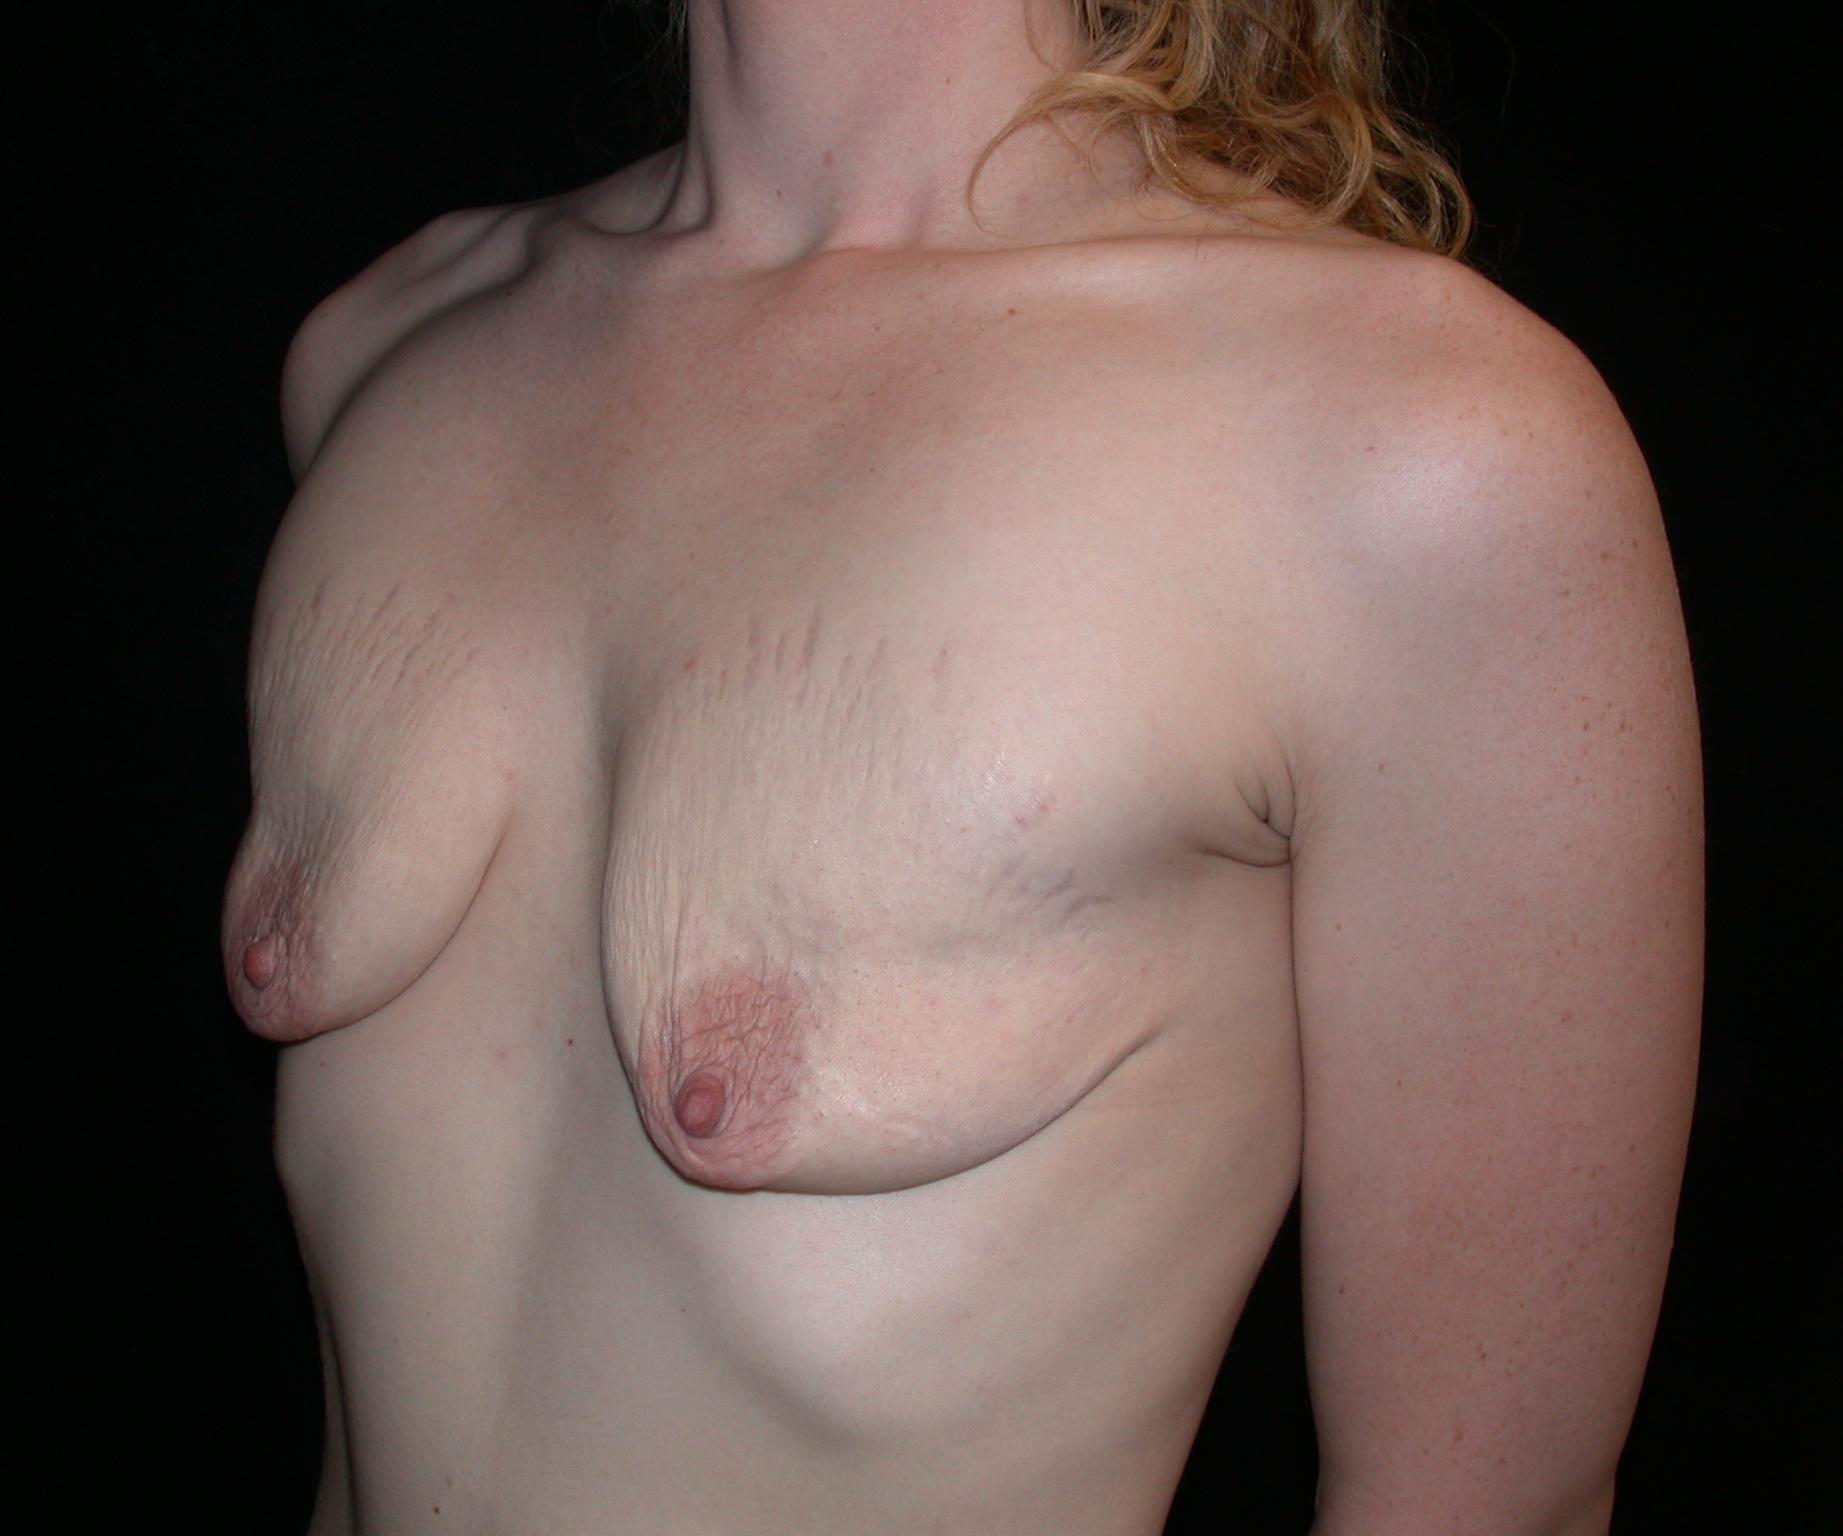 Порно женские повисшие груди фото